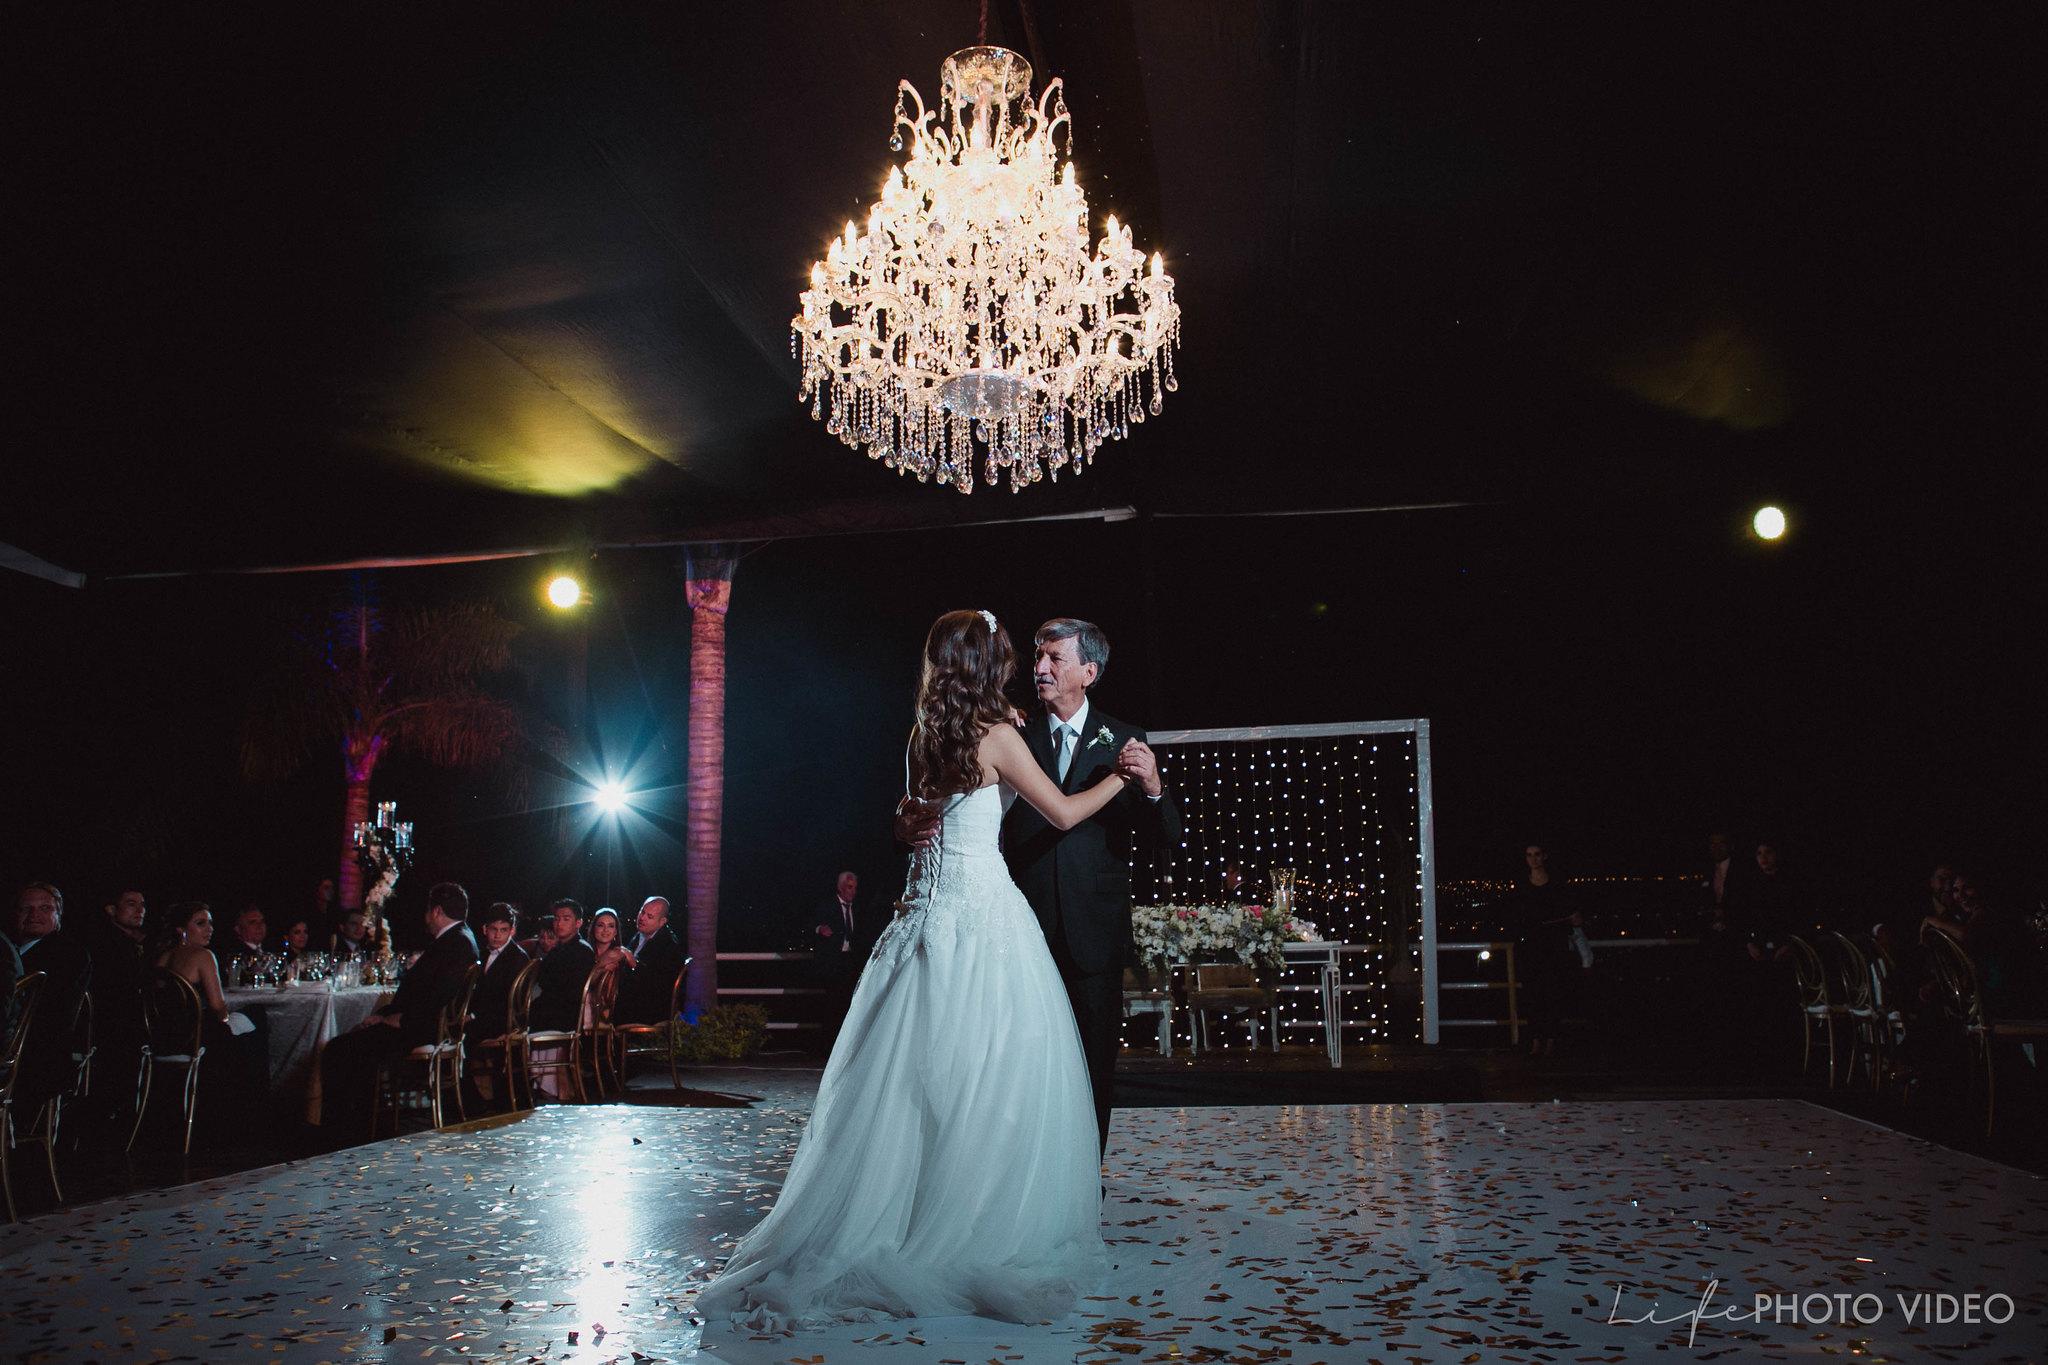 Boda_LeonGto_Wedding_LifePhotoVideo_0054.jpg